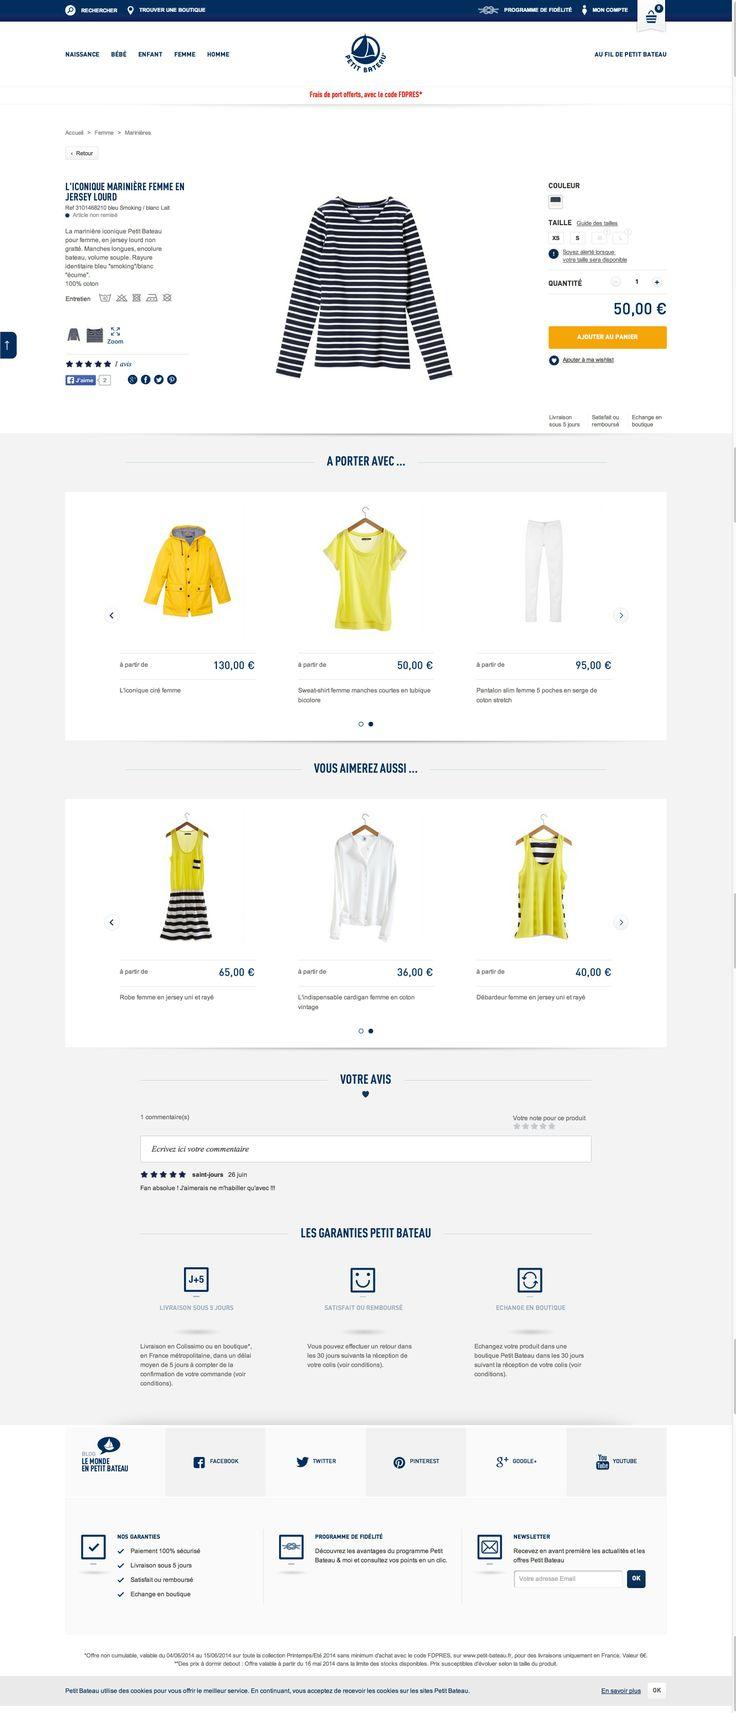 Page produit Petit bateau #responsive - http://www.petit-bateau.fr/e-shop/product/31014/6C8/l-iconique-mariniere-femme-en-jersey-lourd.html